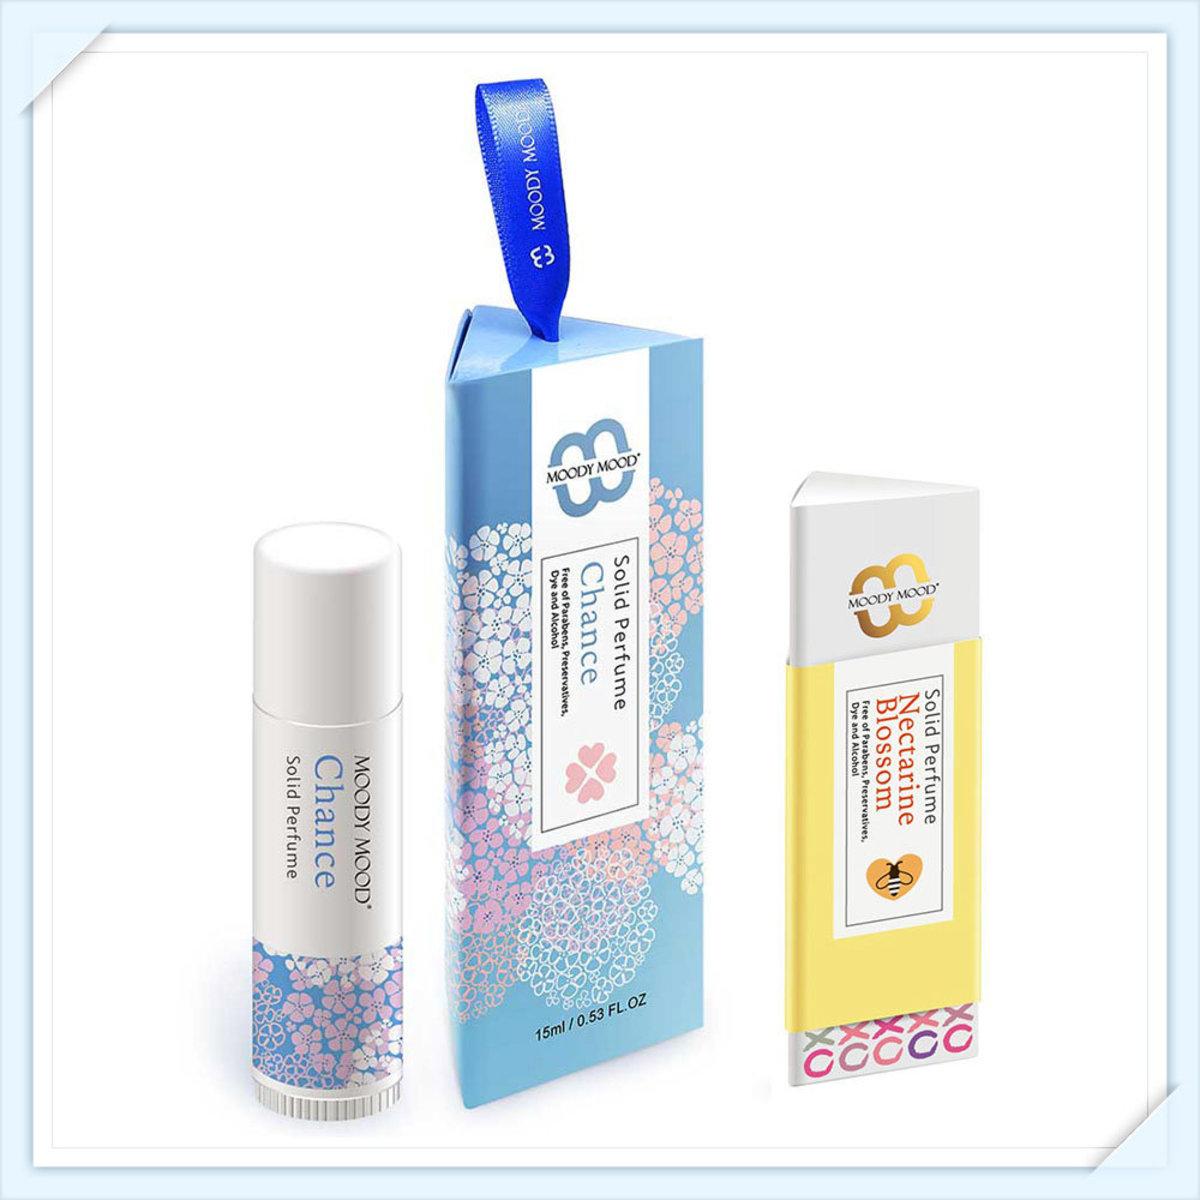 韓國製手工香水膏兩支裝(15g+5g)・Chance及杏桃花與蜂蜜